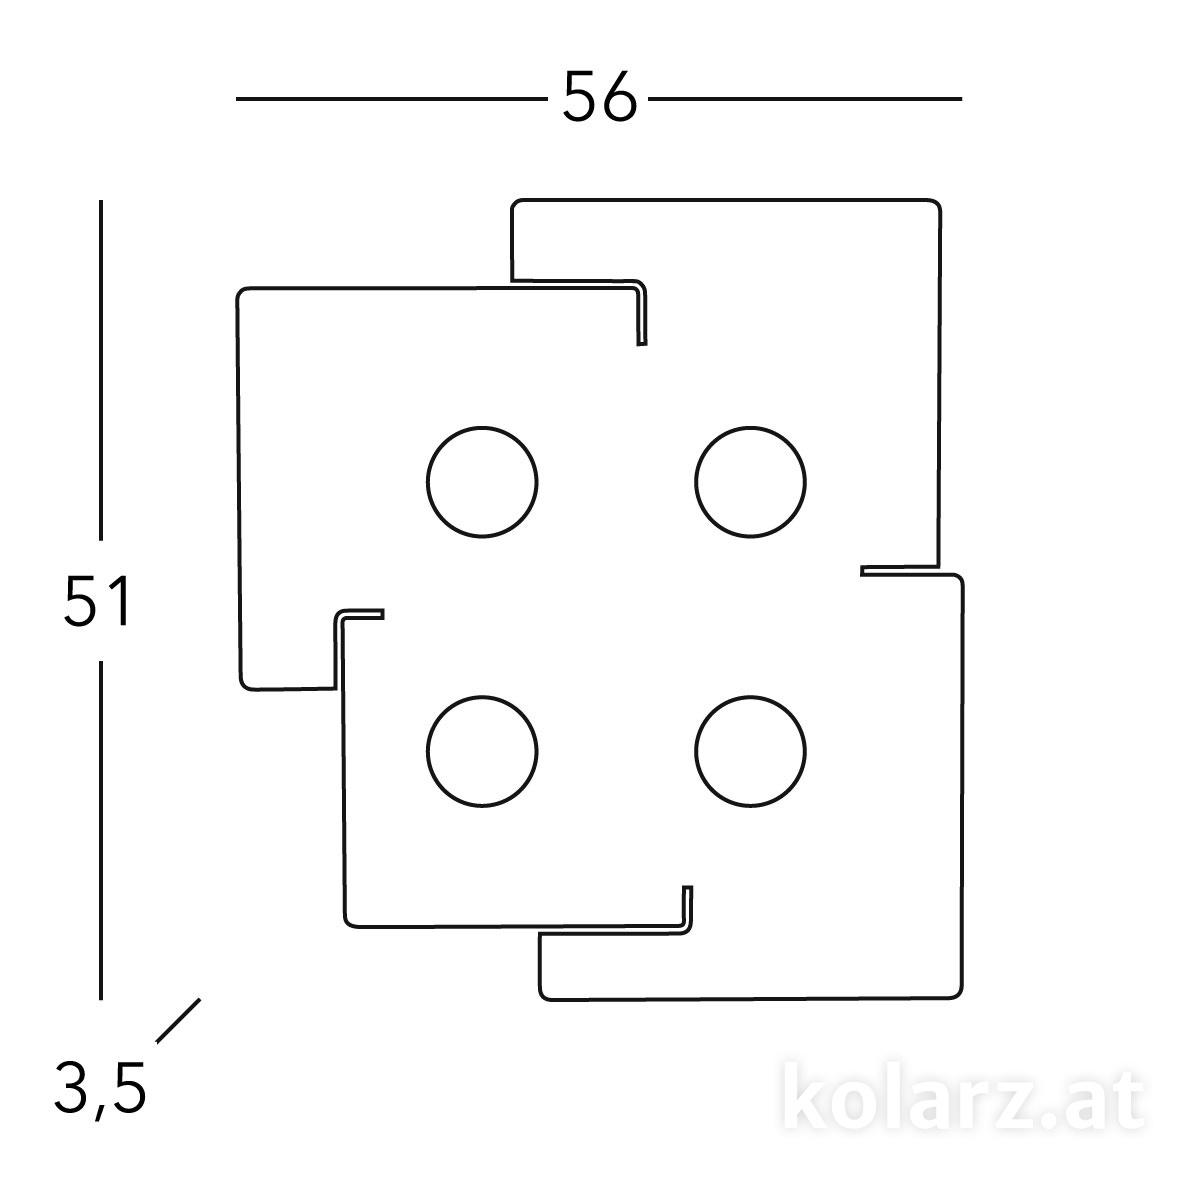 A1337-14-1-W-s1.jpg